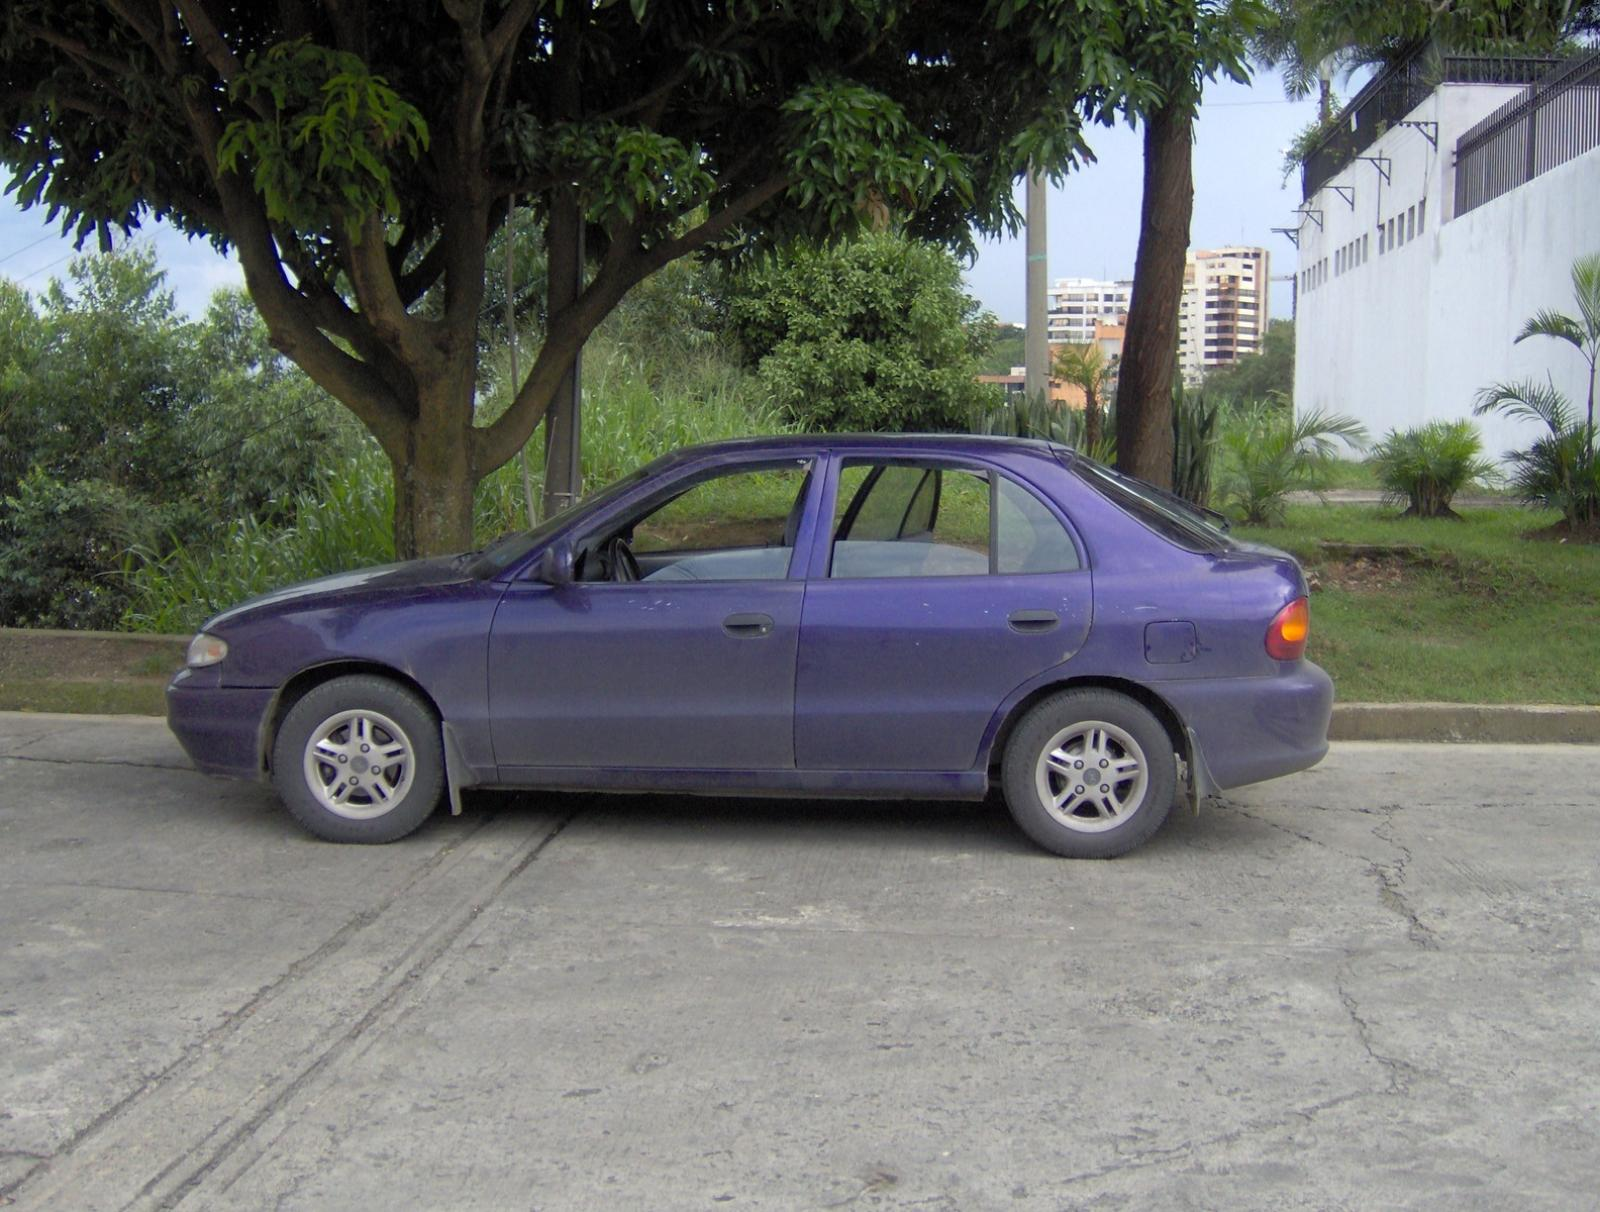 800 1024 1280 1600 origin 1995 Hyundai Accent ...